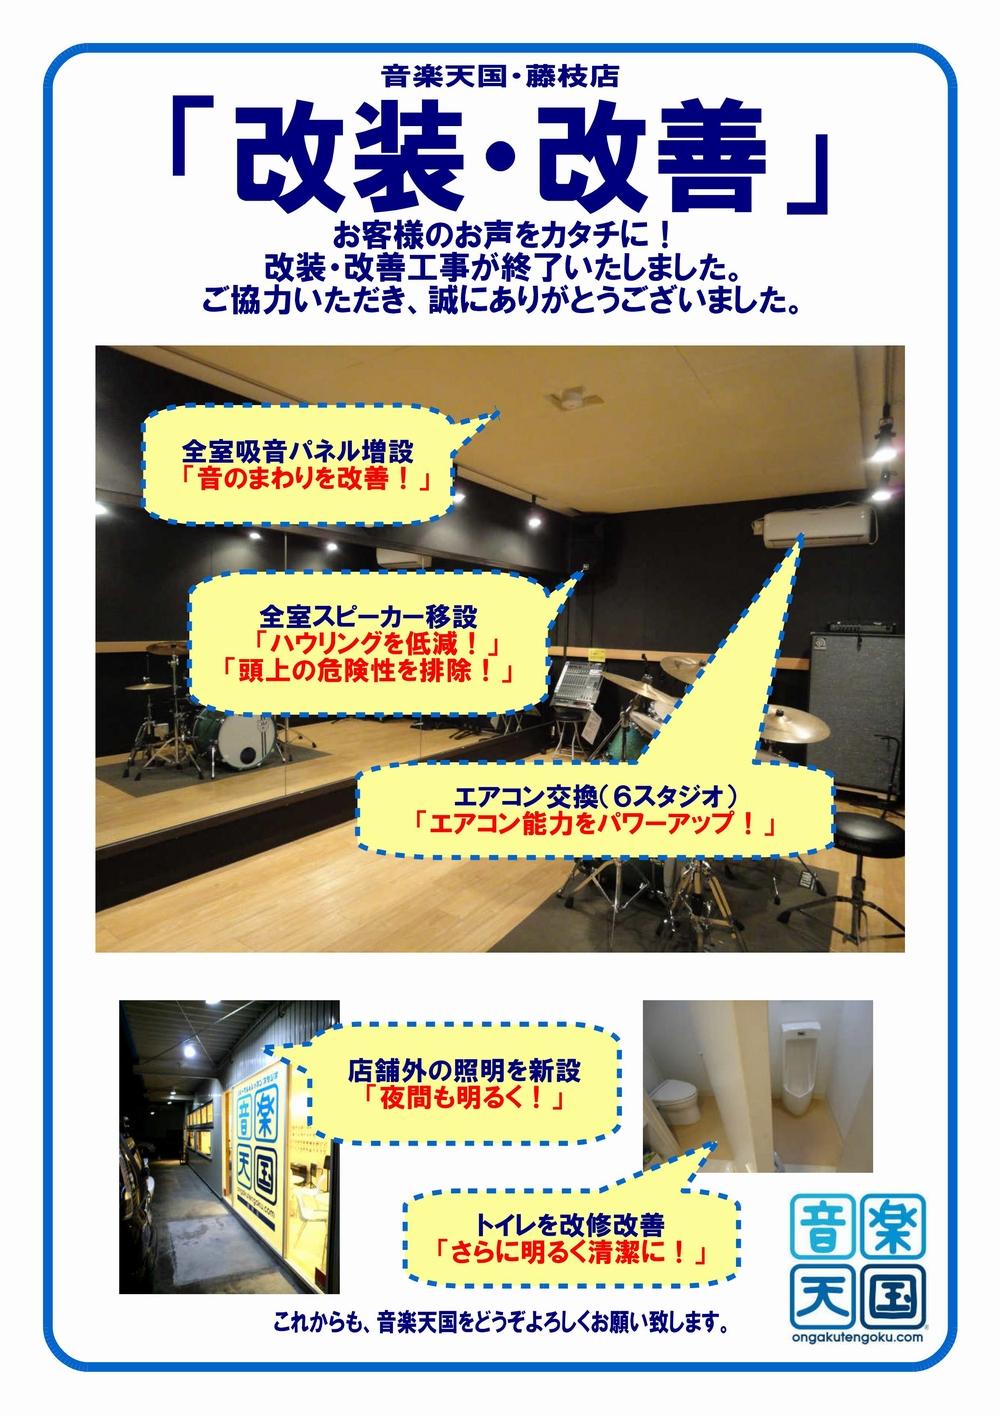 音楽天国・藤枝店の「改装・改善」工事が終わりました!